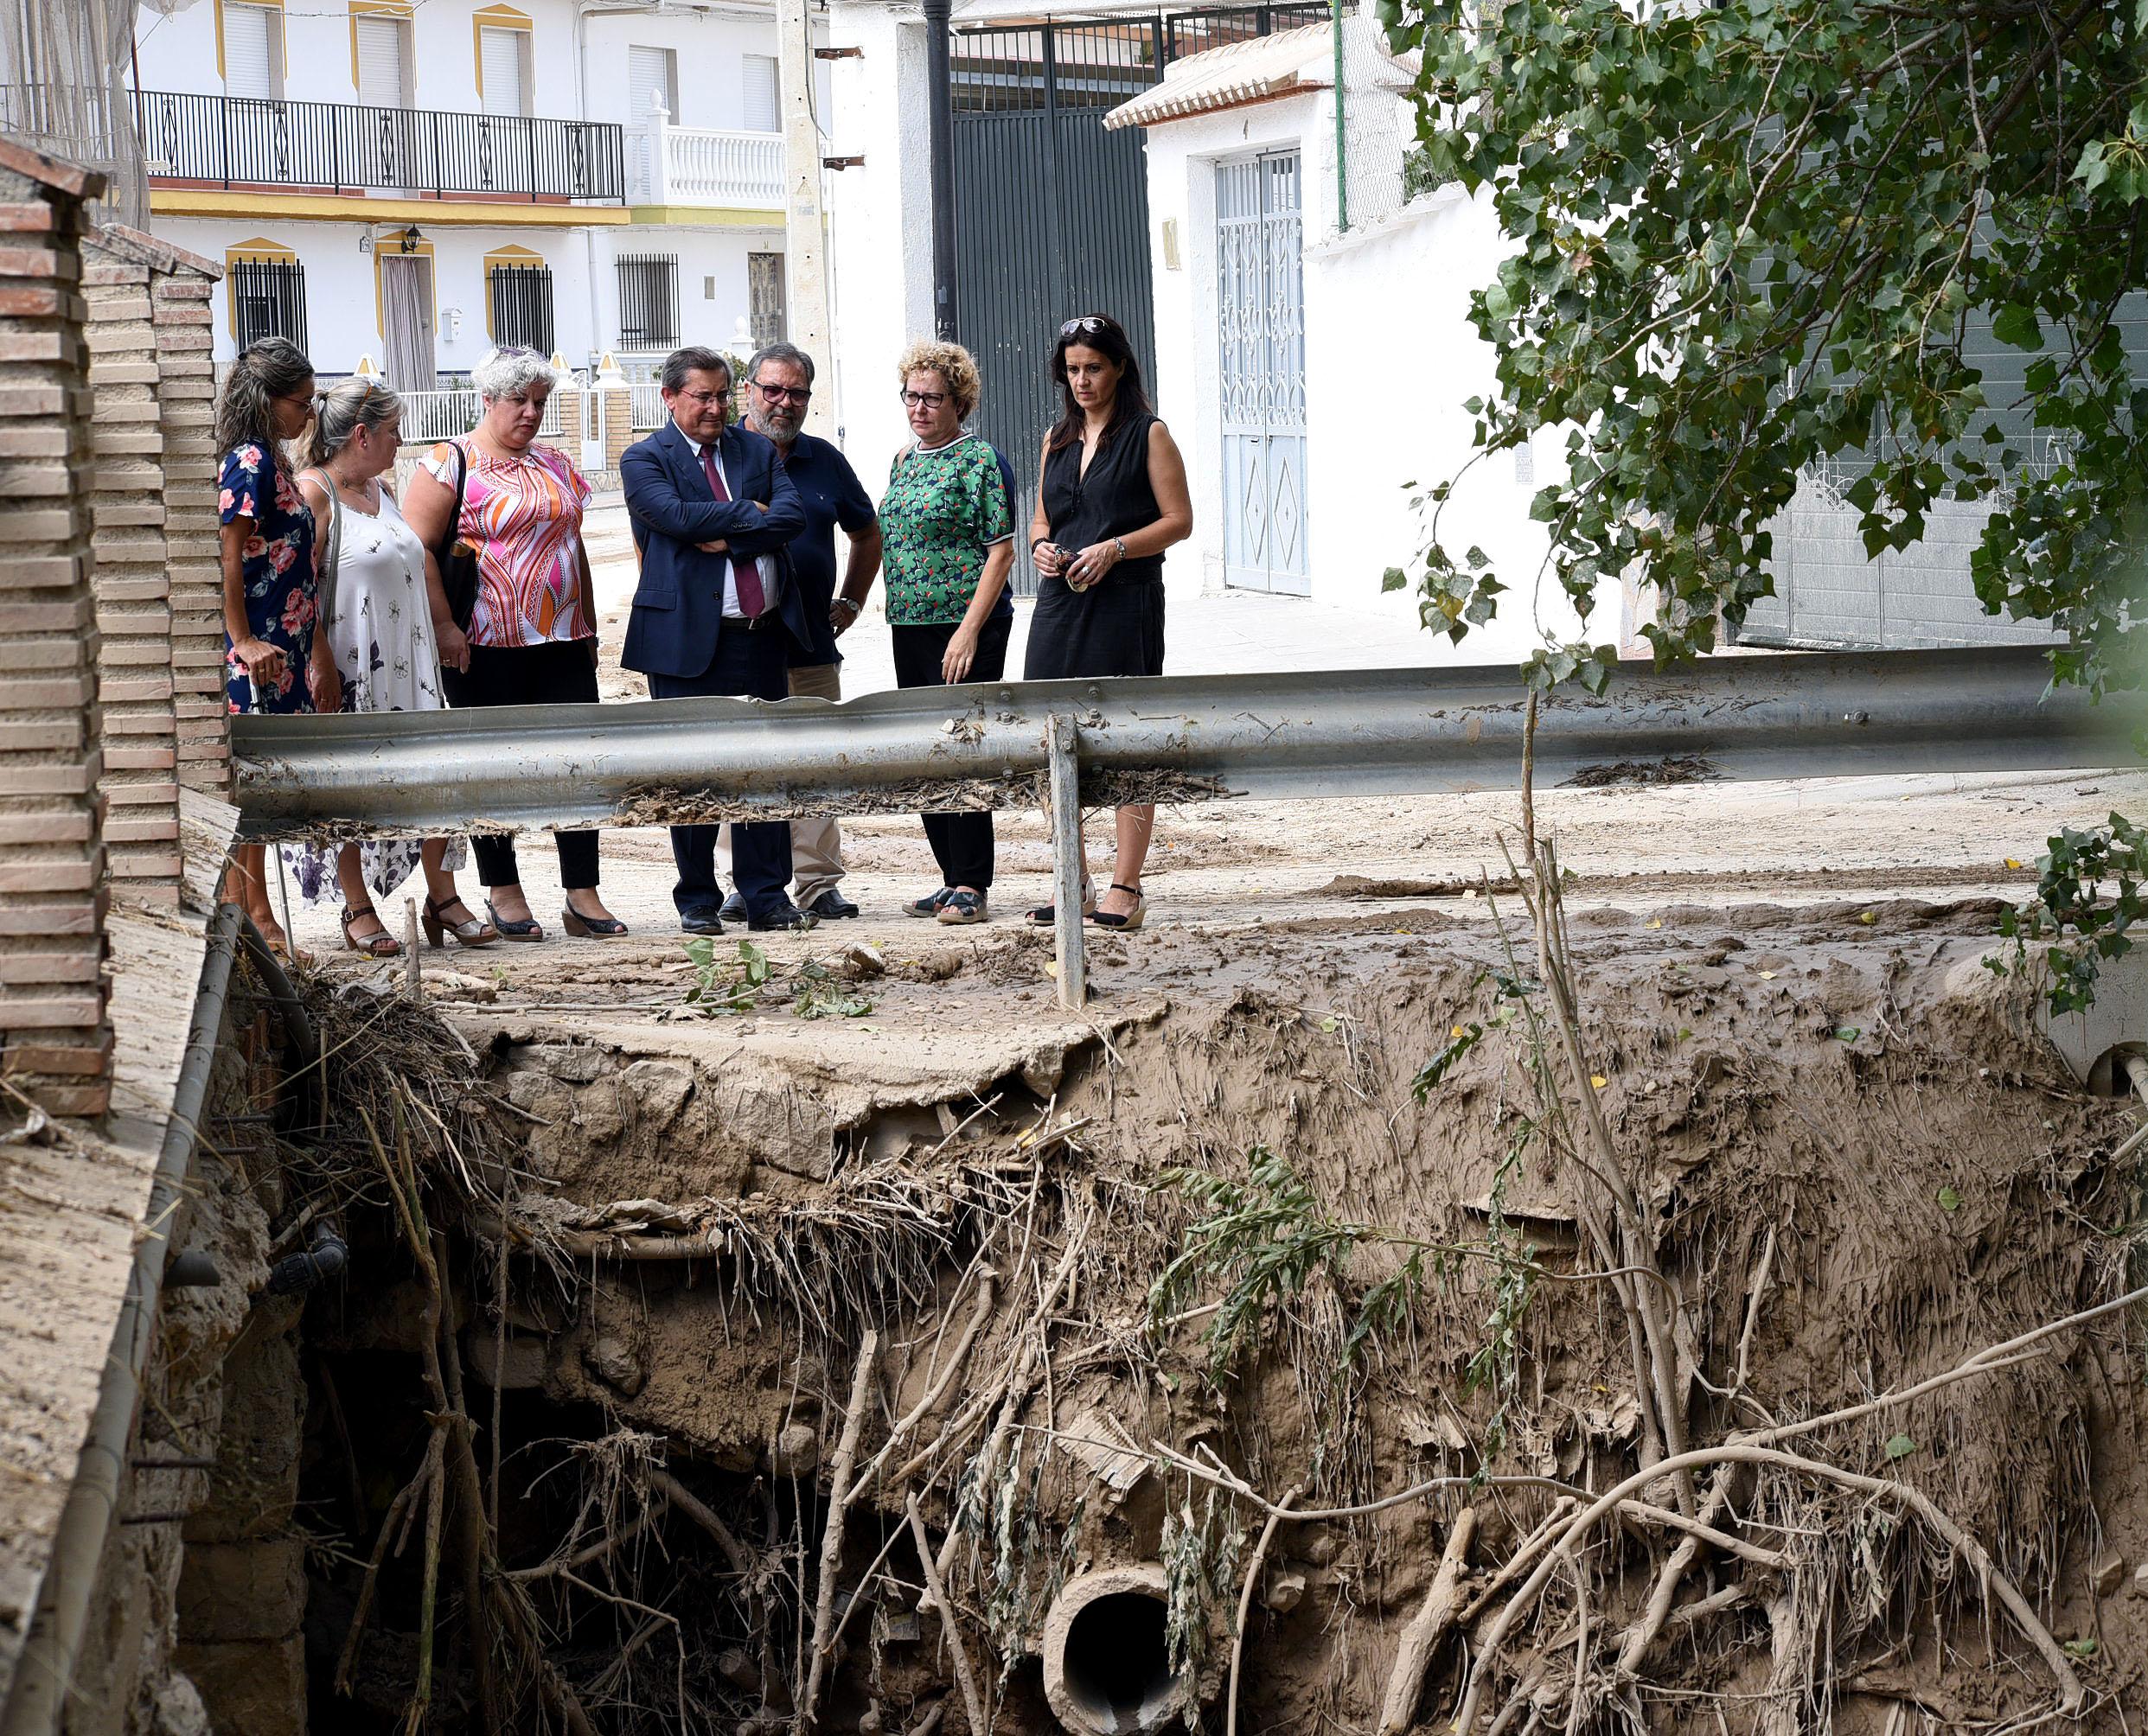 La Diputación promete ayudas para los municipios dañados por las inundaciones